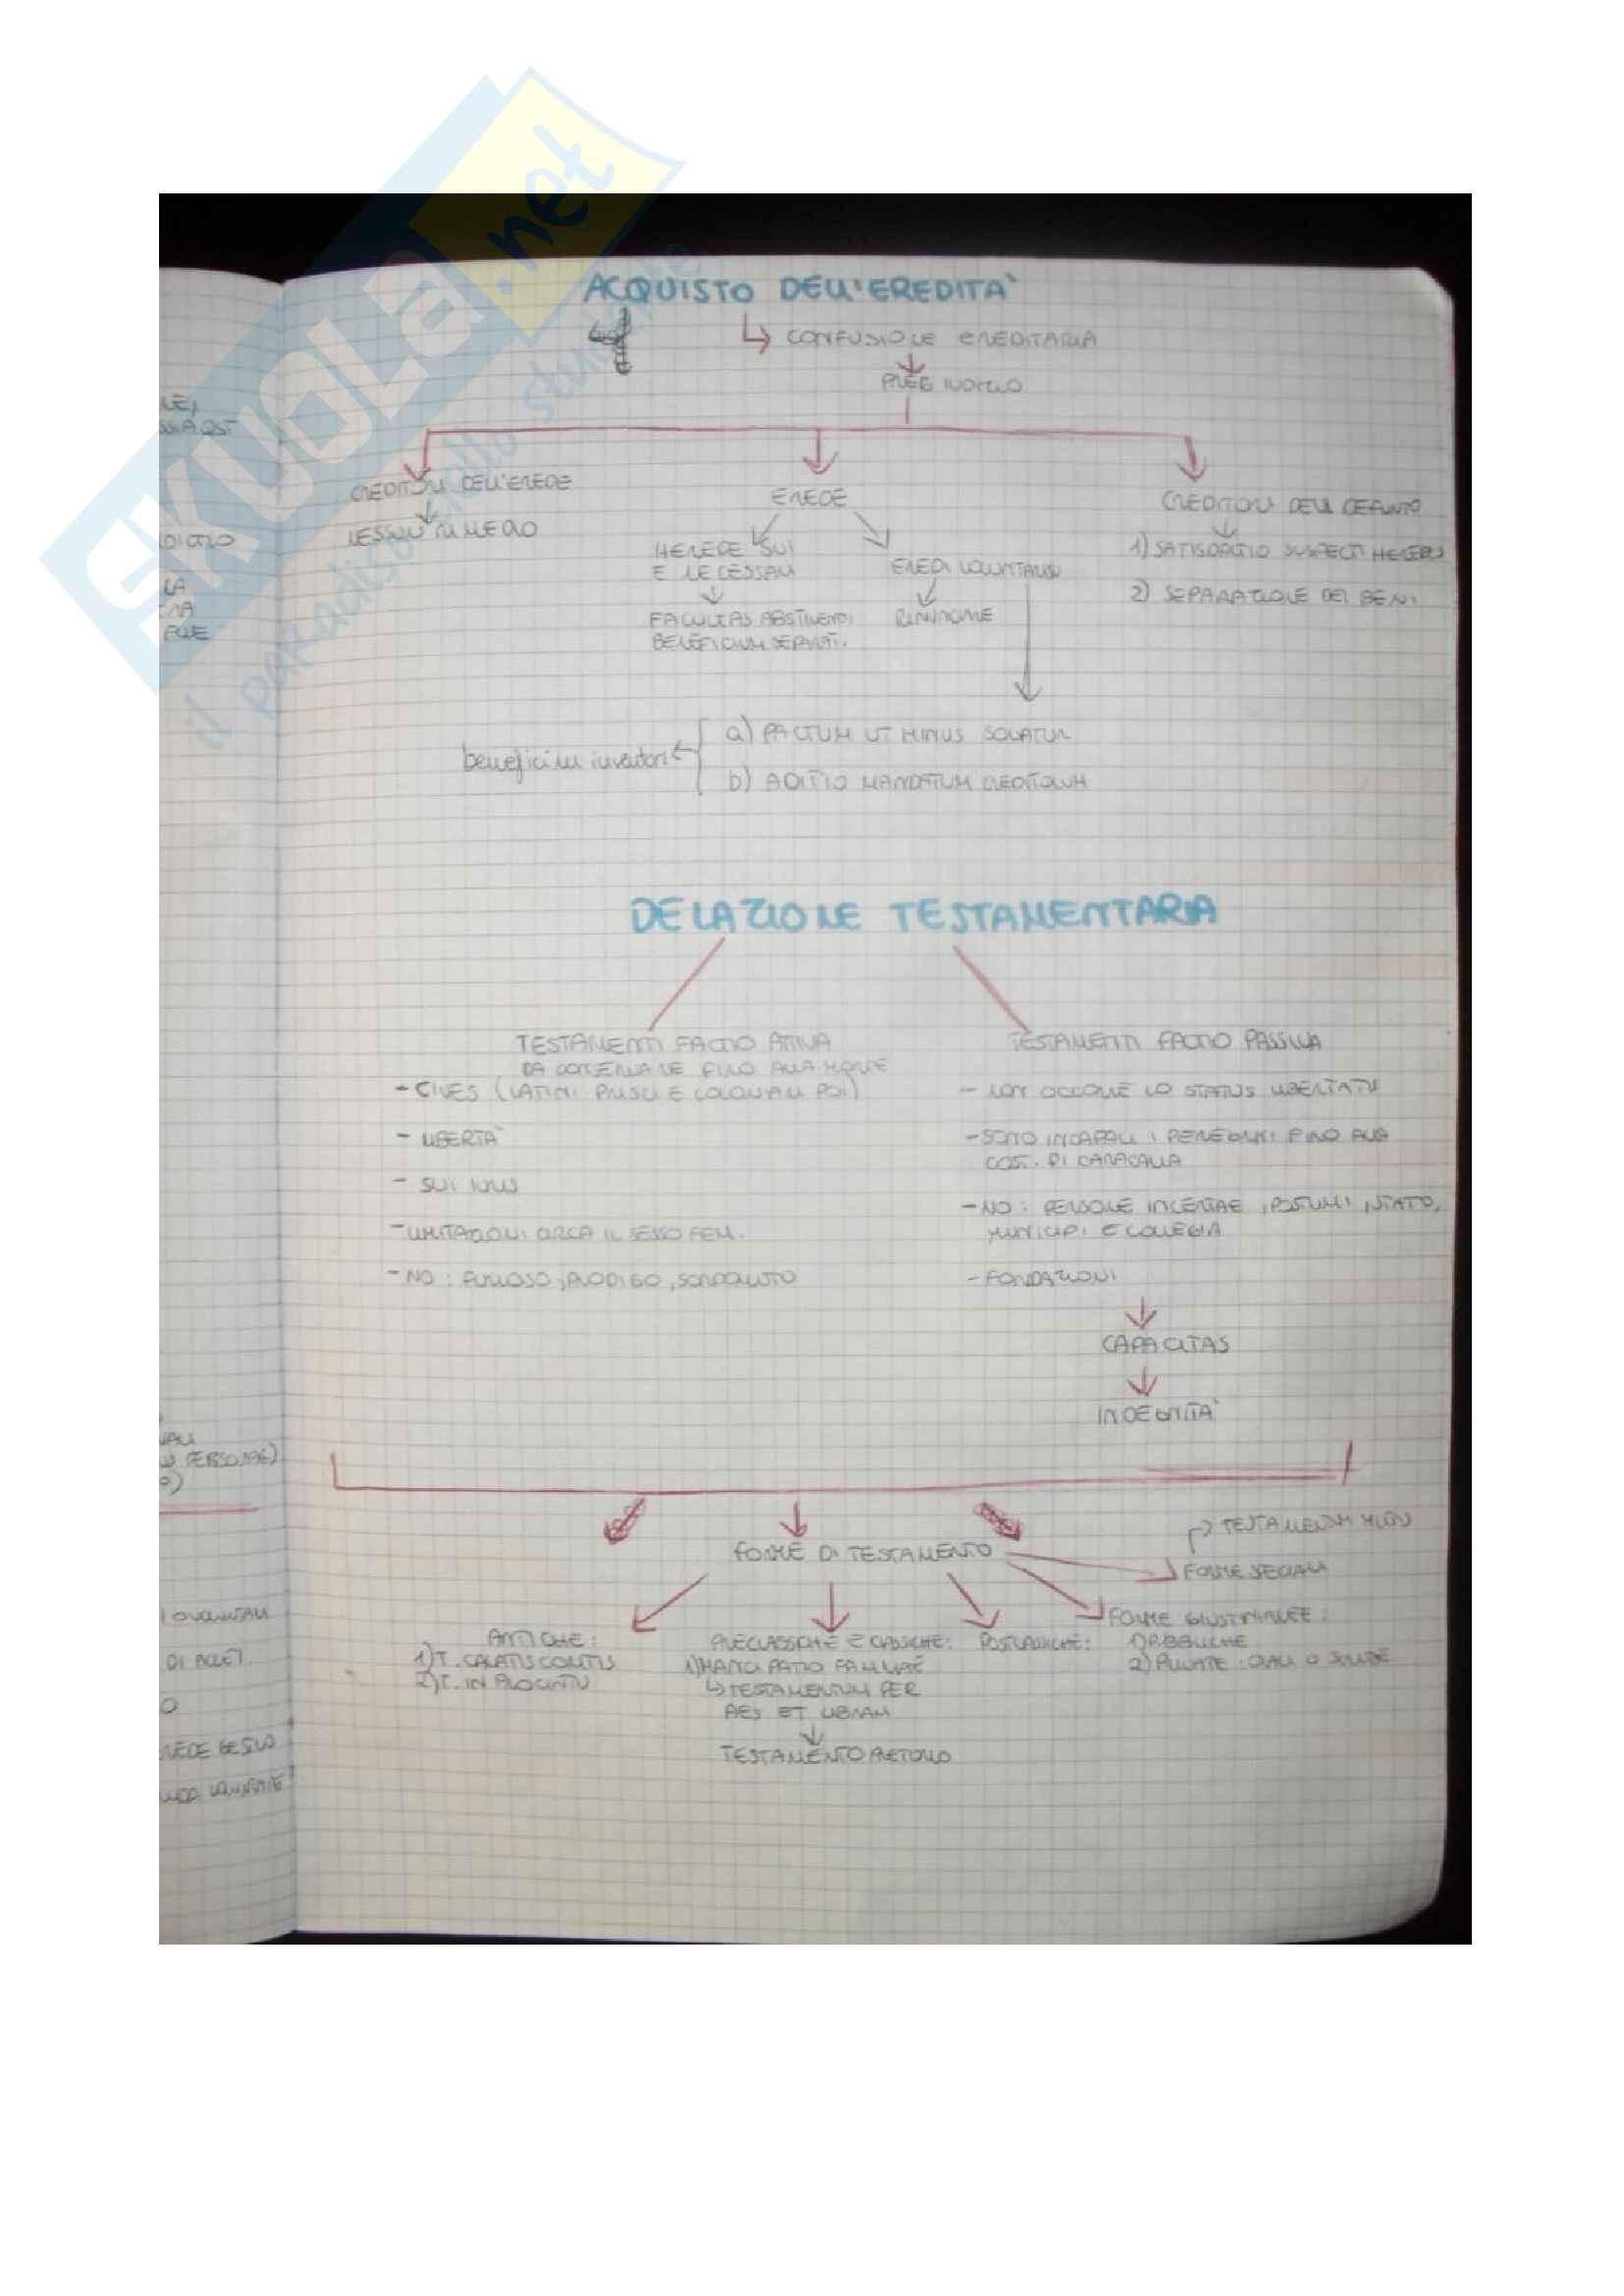 Diritto privato - la mappa concettuale per l'acquisto dell' eredità e della delazione testamentaria